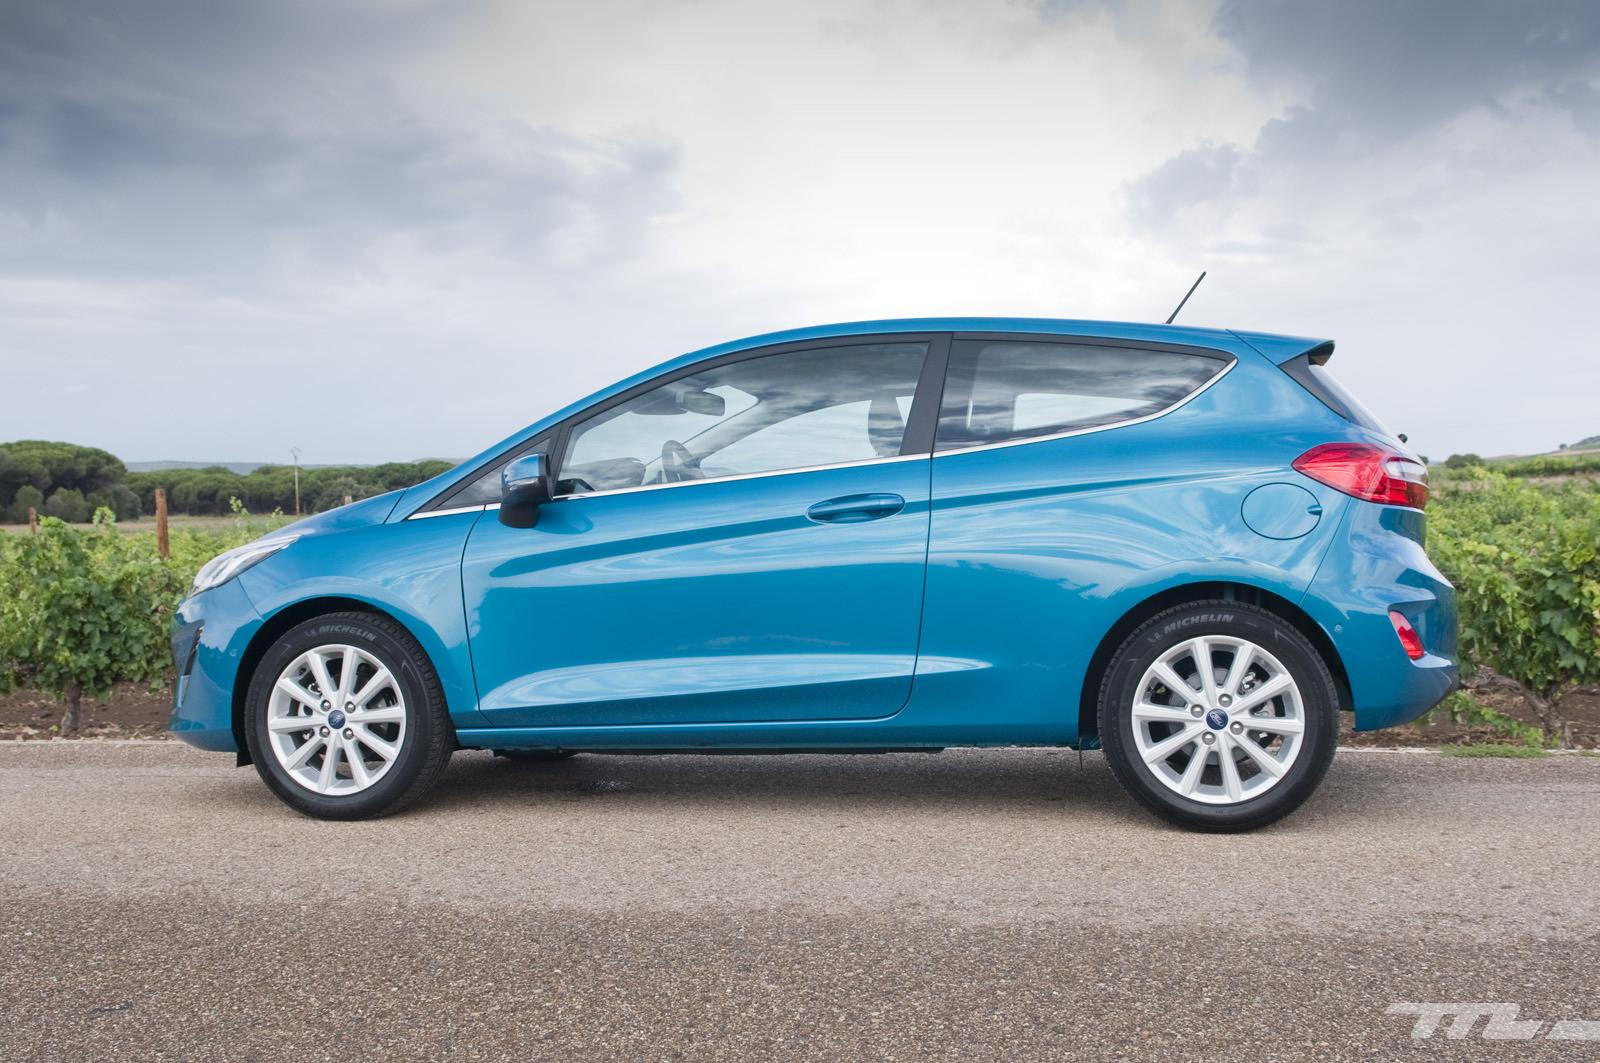 Ford Fiesta 2017, toma de contacto